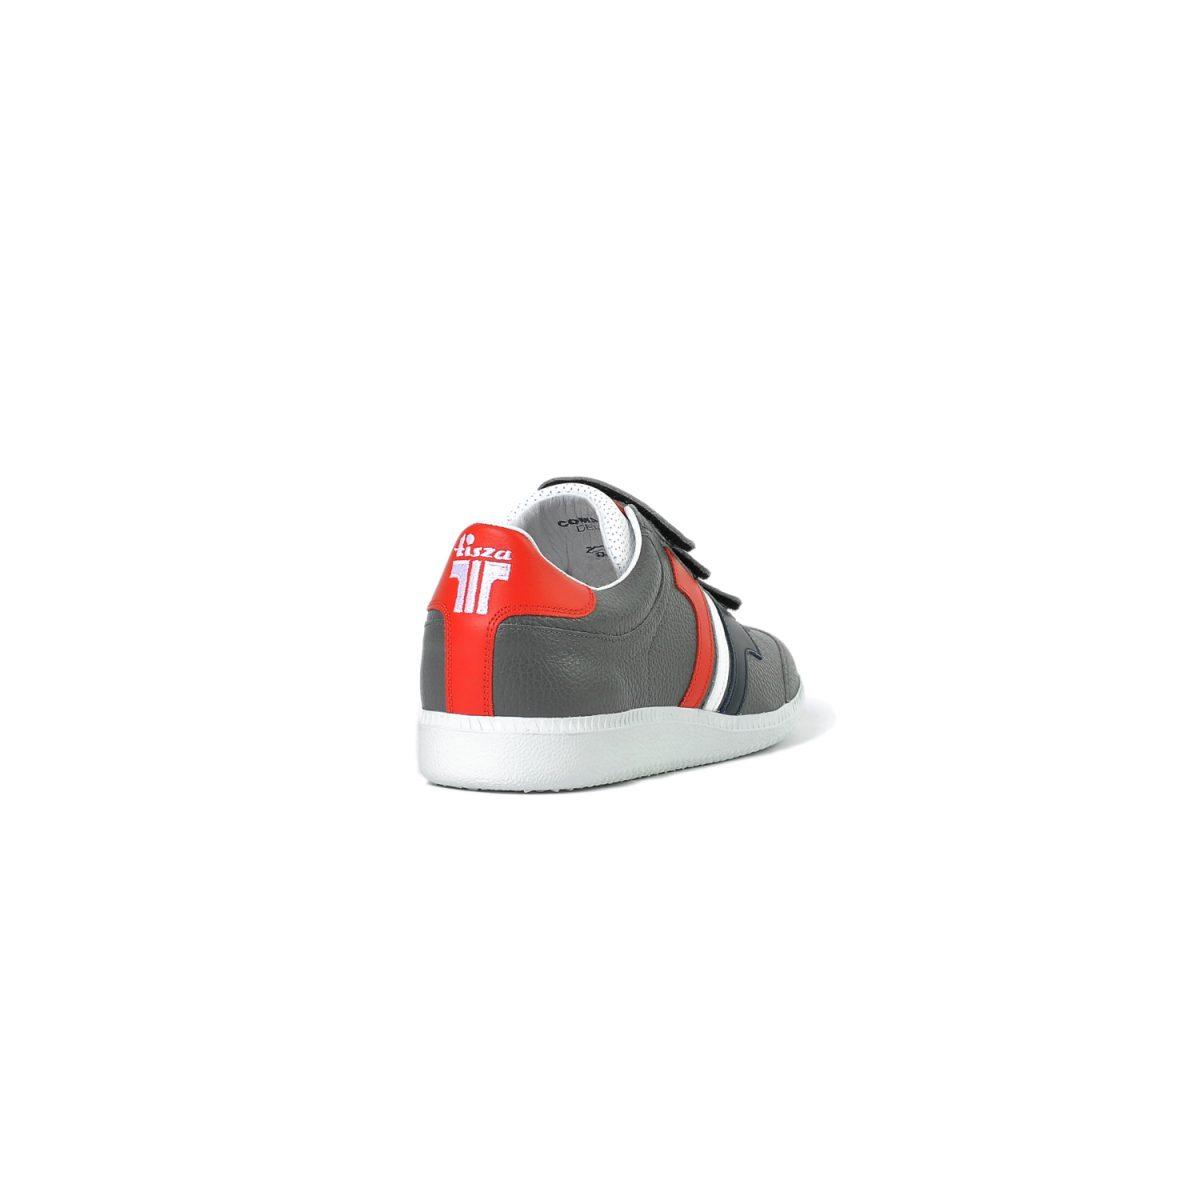 Tisza cipő - Delux - Szürke-kék-fehér-piros